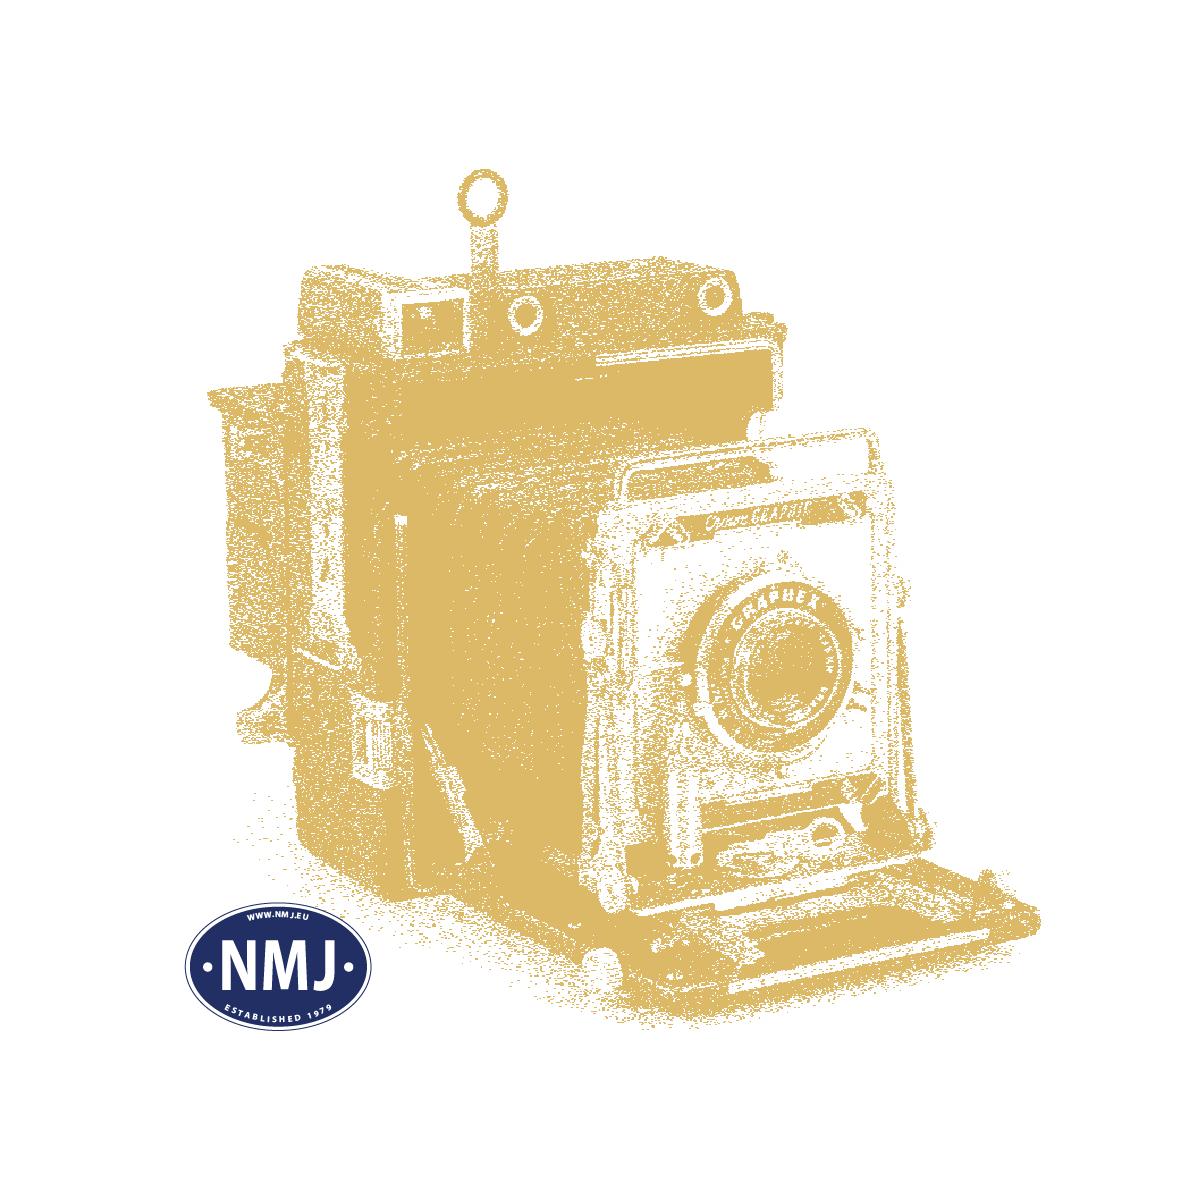 NMJT107.102 - NMJ Topline NSB B3-2 25610 Gammeldesign